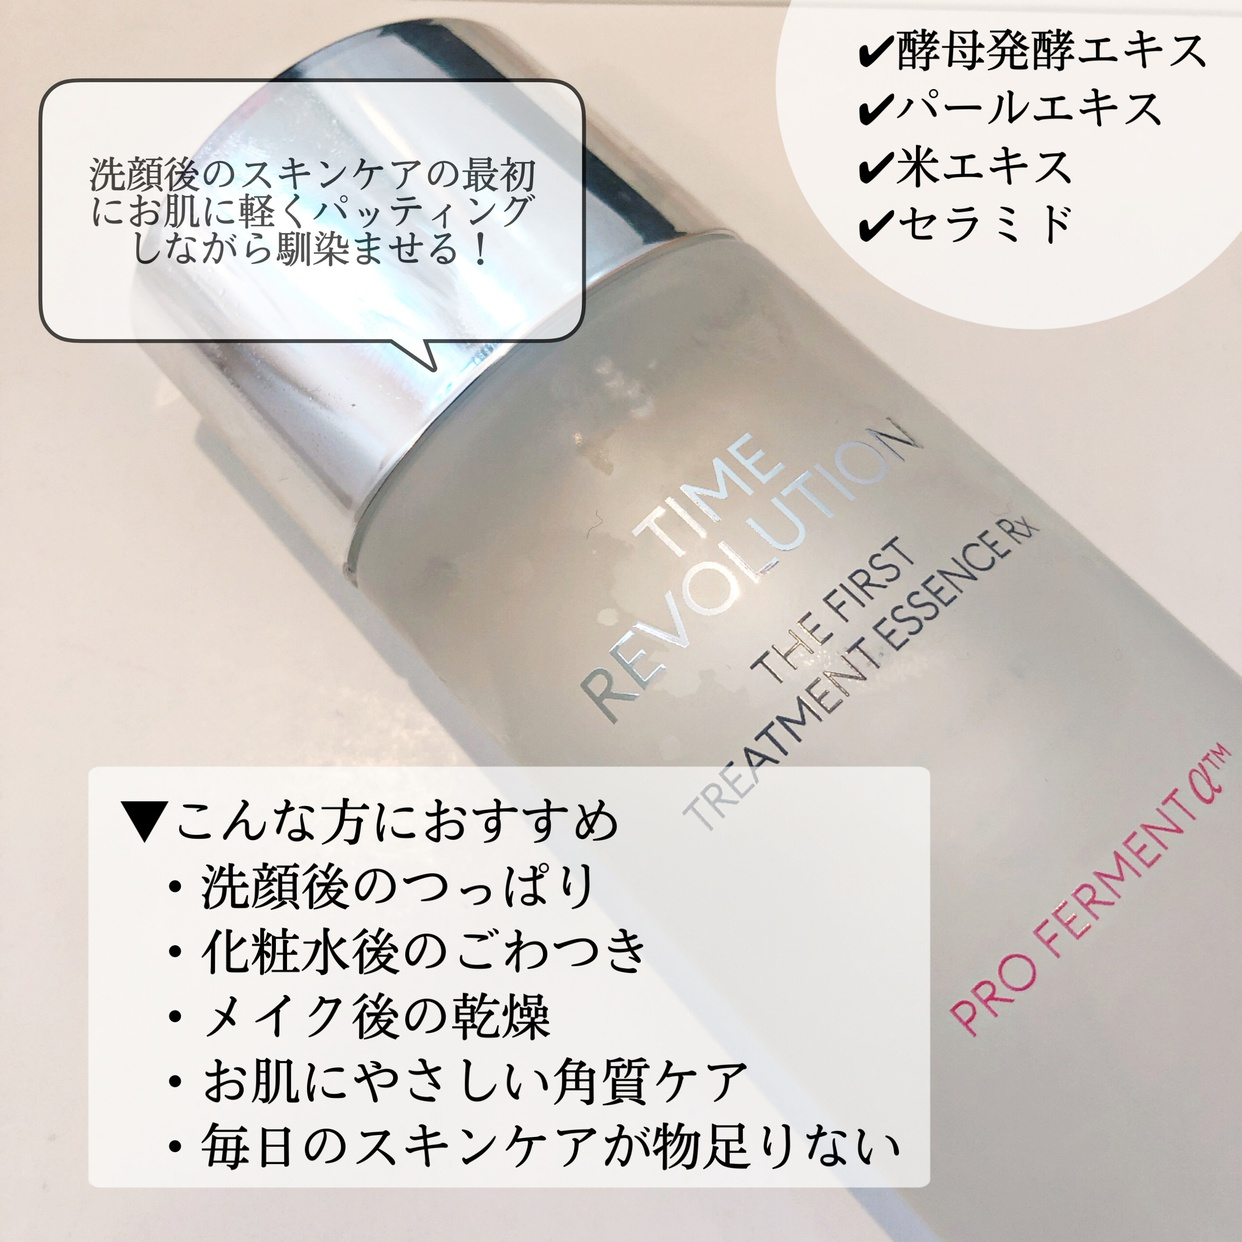 MISSHA(ミシャ) レボリューション タイム ザ ファースト トリートメント エッセンス RXの良い点・メリットに関するsachikoさんの口コミ画像3